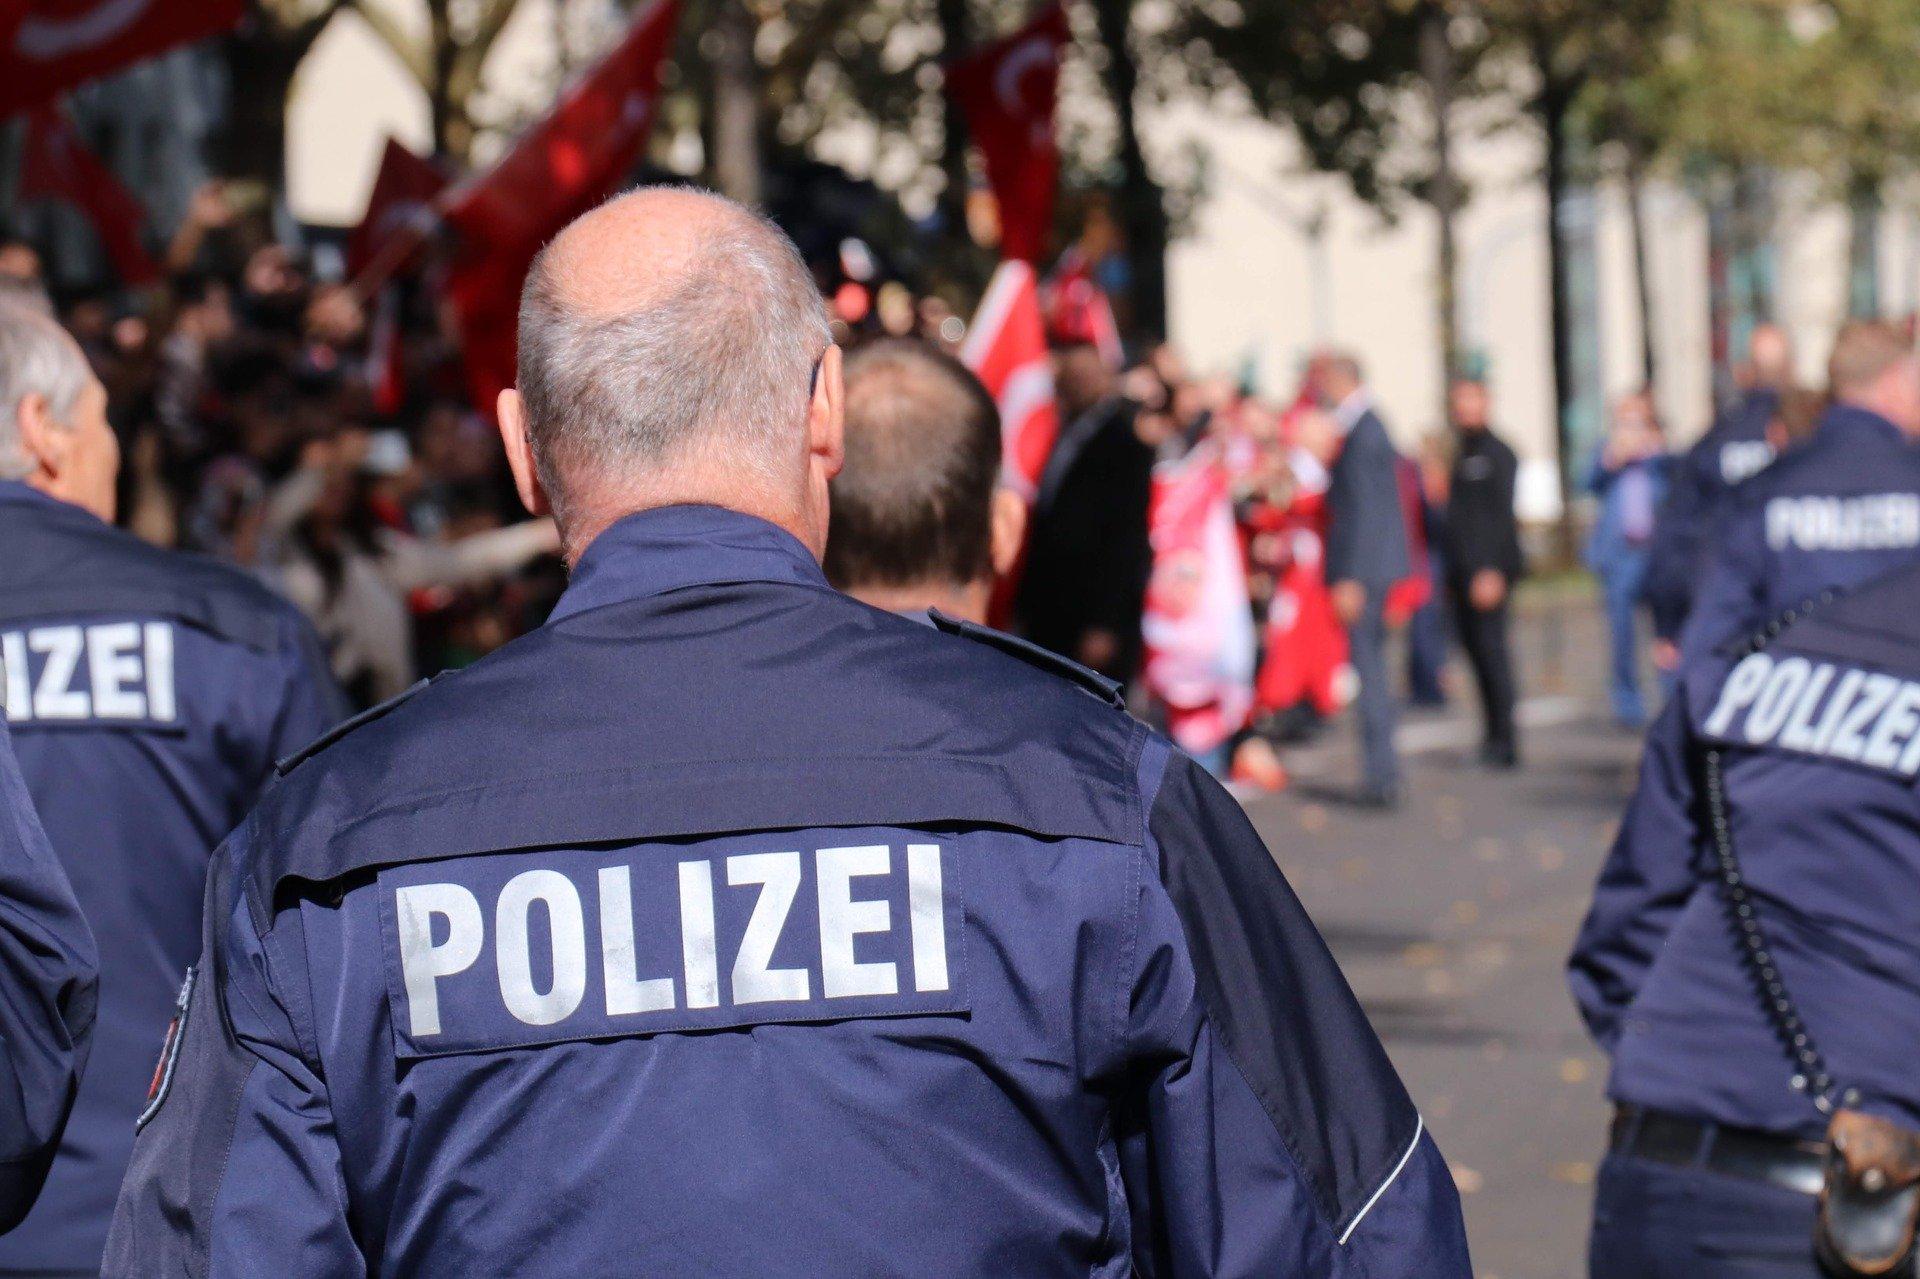 polizei 3772469 1920.jpg?resize=1200,630 - Allemagne : Une fusillade contre une synagogue fait deux morts à Halle